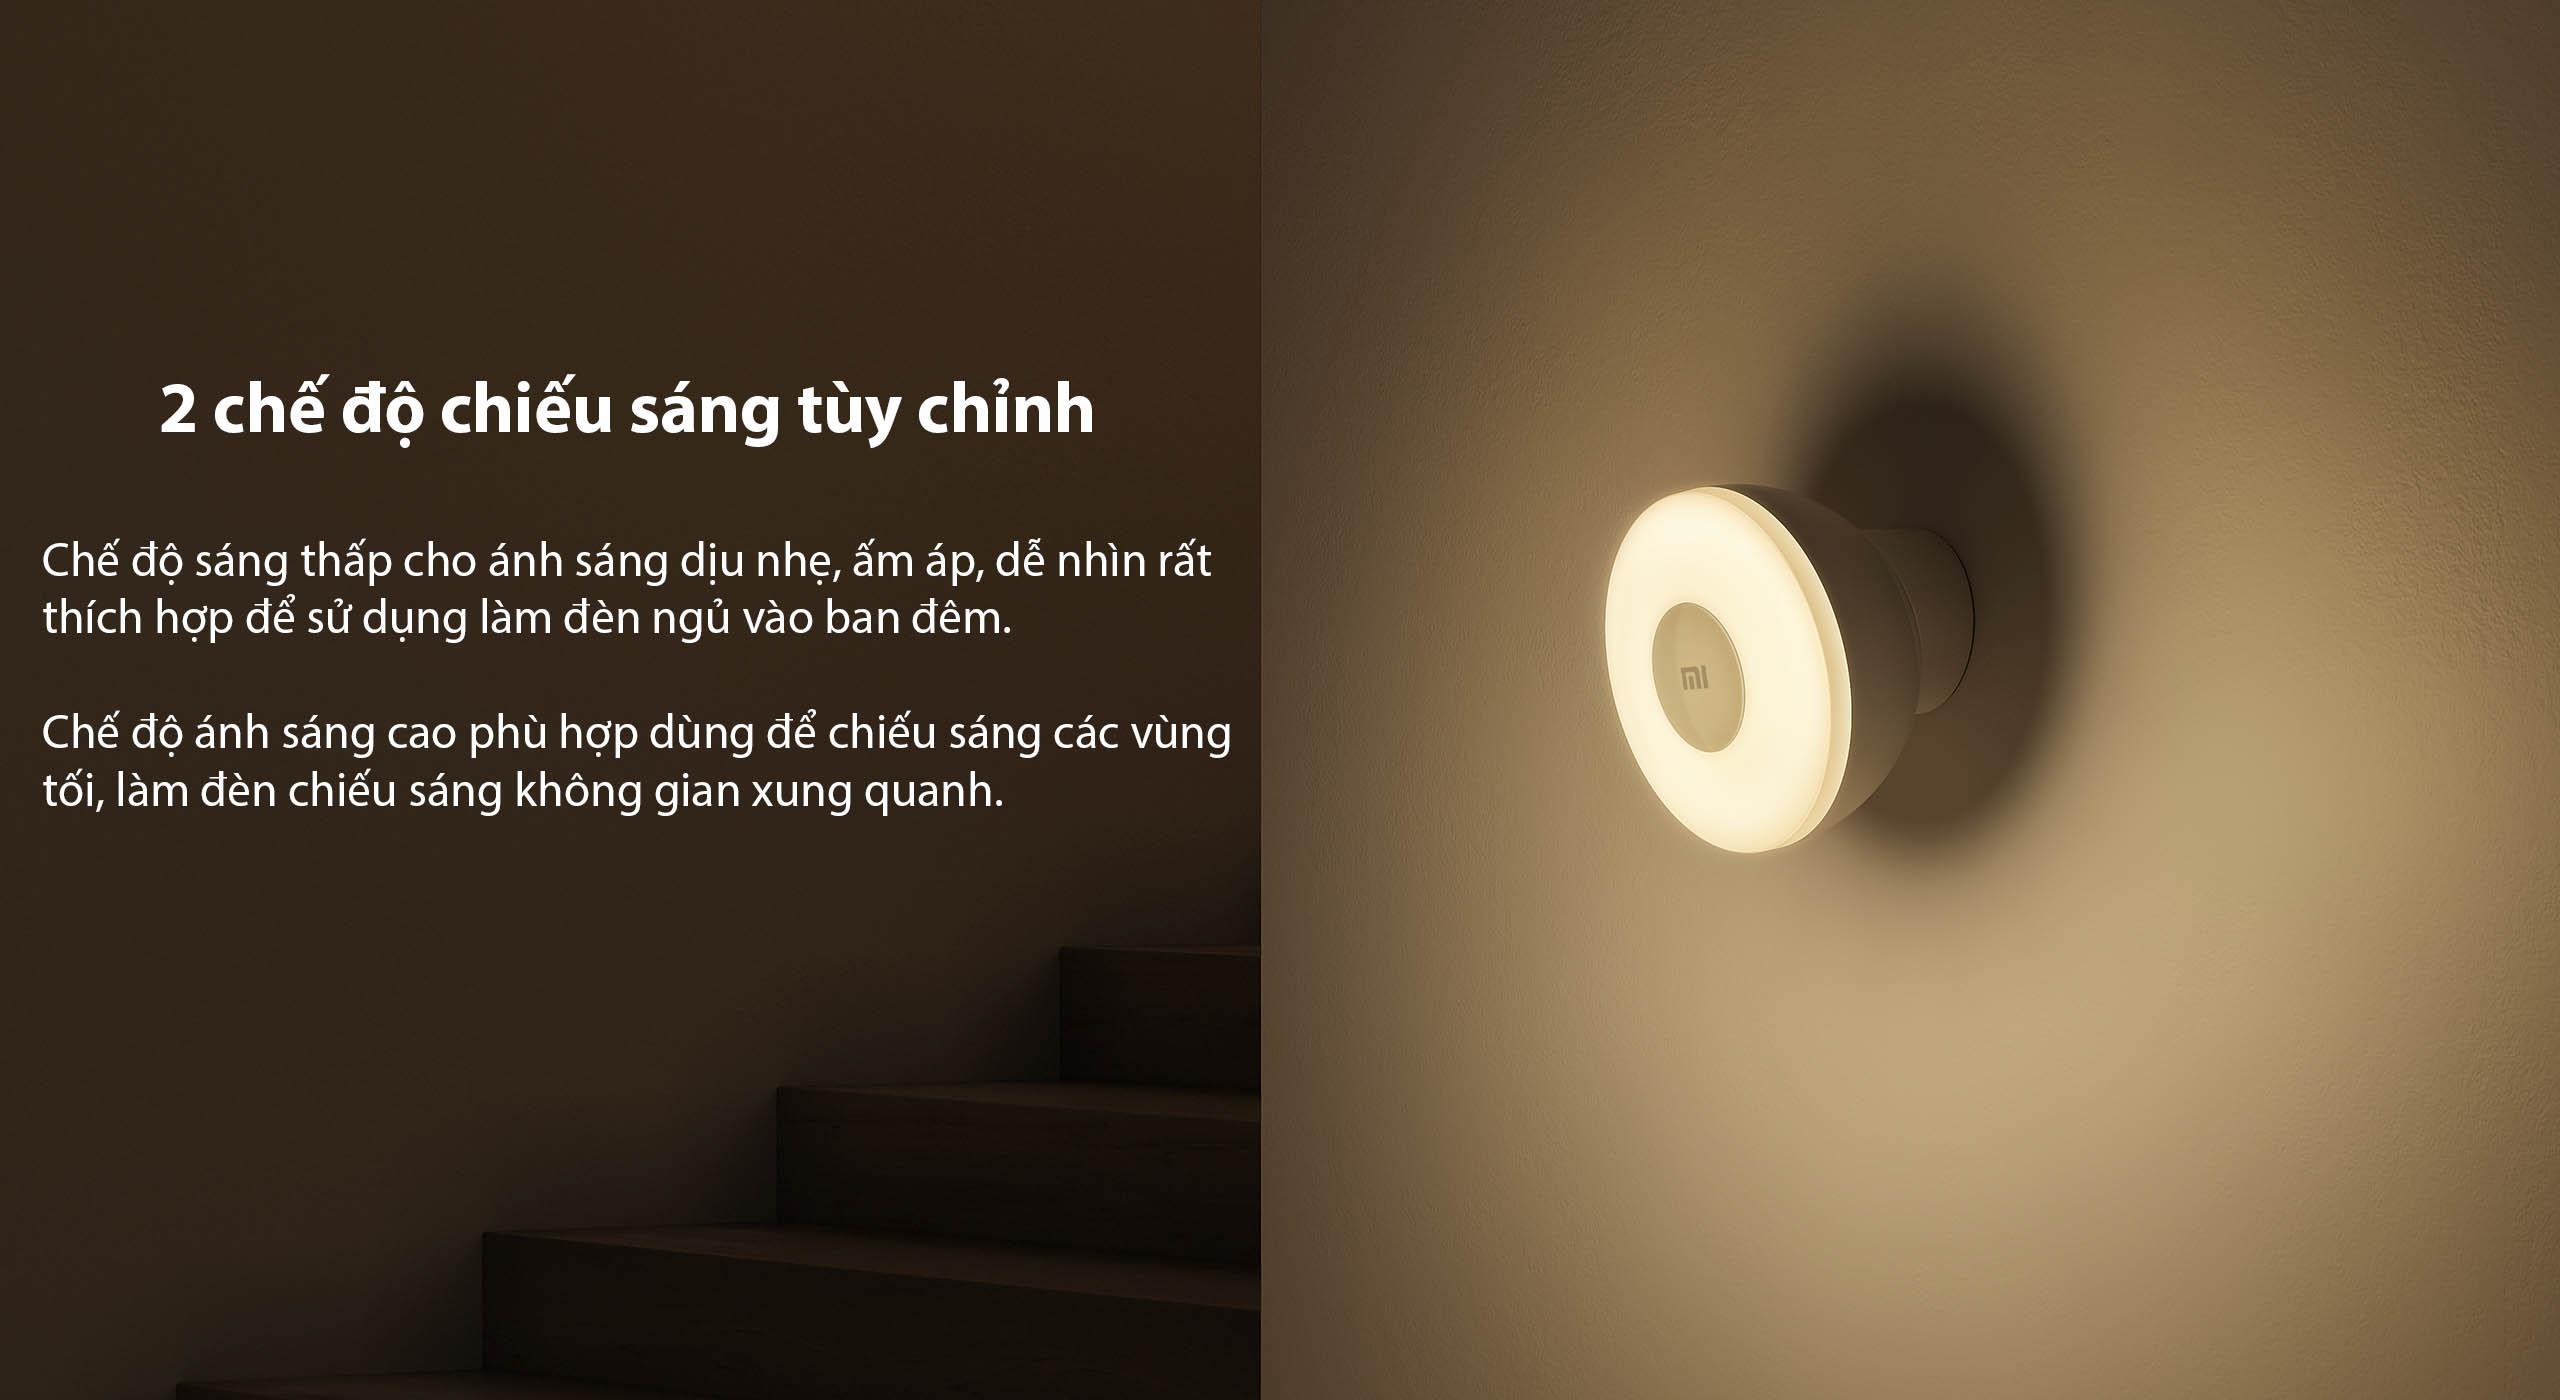 2 chế độ chiếu sáng tùy chỉnh